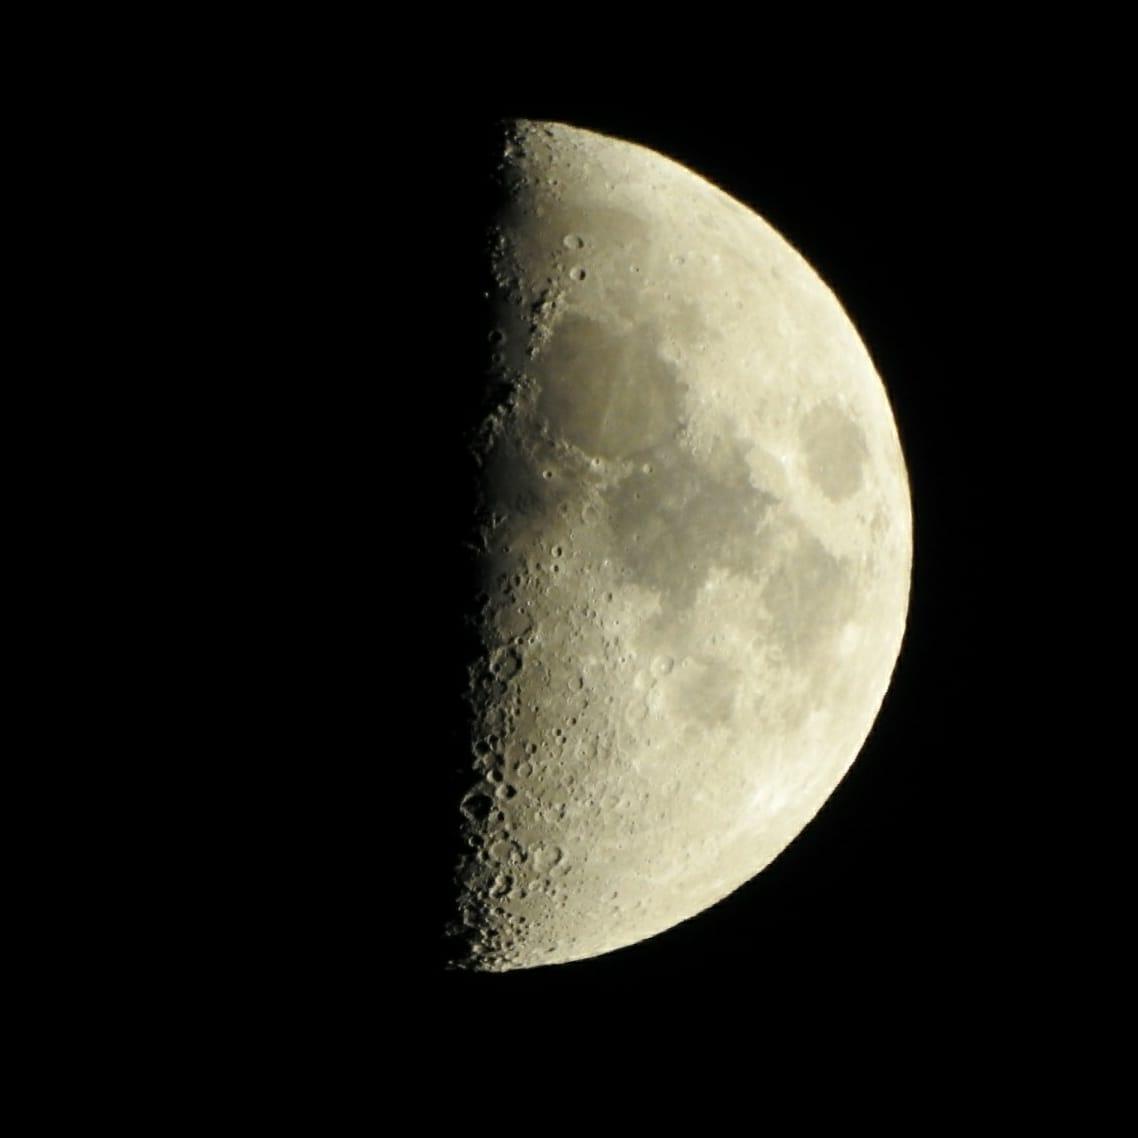 Se ve apenas la mitad pero es 100% espectacular... . . #CostaRica 🇨🇷 #nofilter #Nikon #CoolpixP900 #selenophile #selenofilia #luna #moon #myview #telephoto